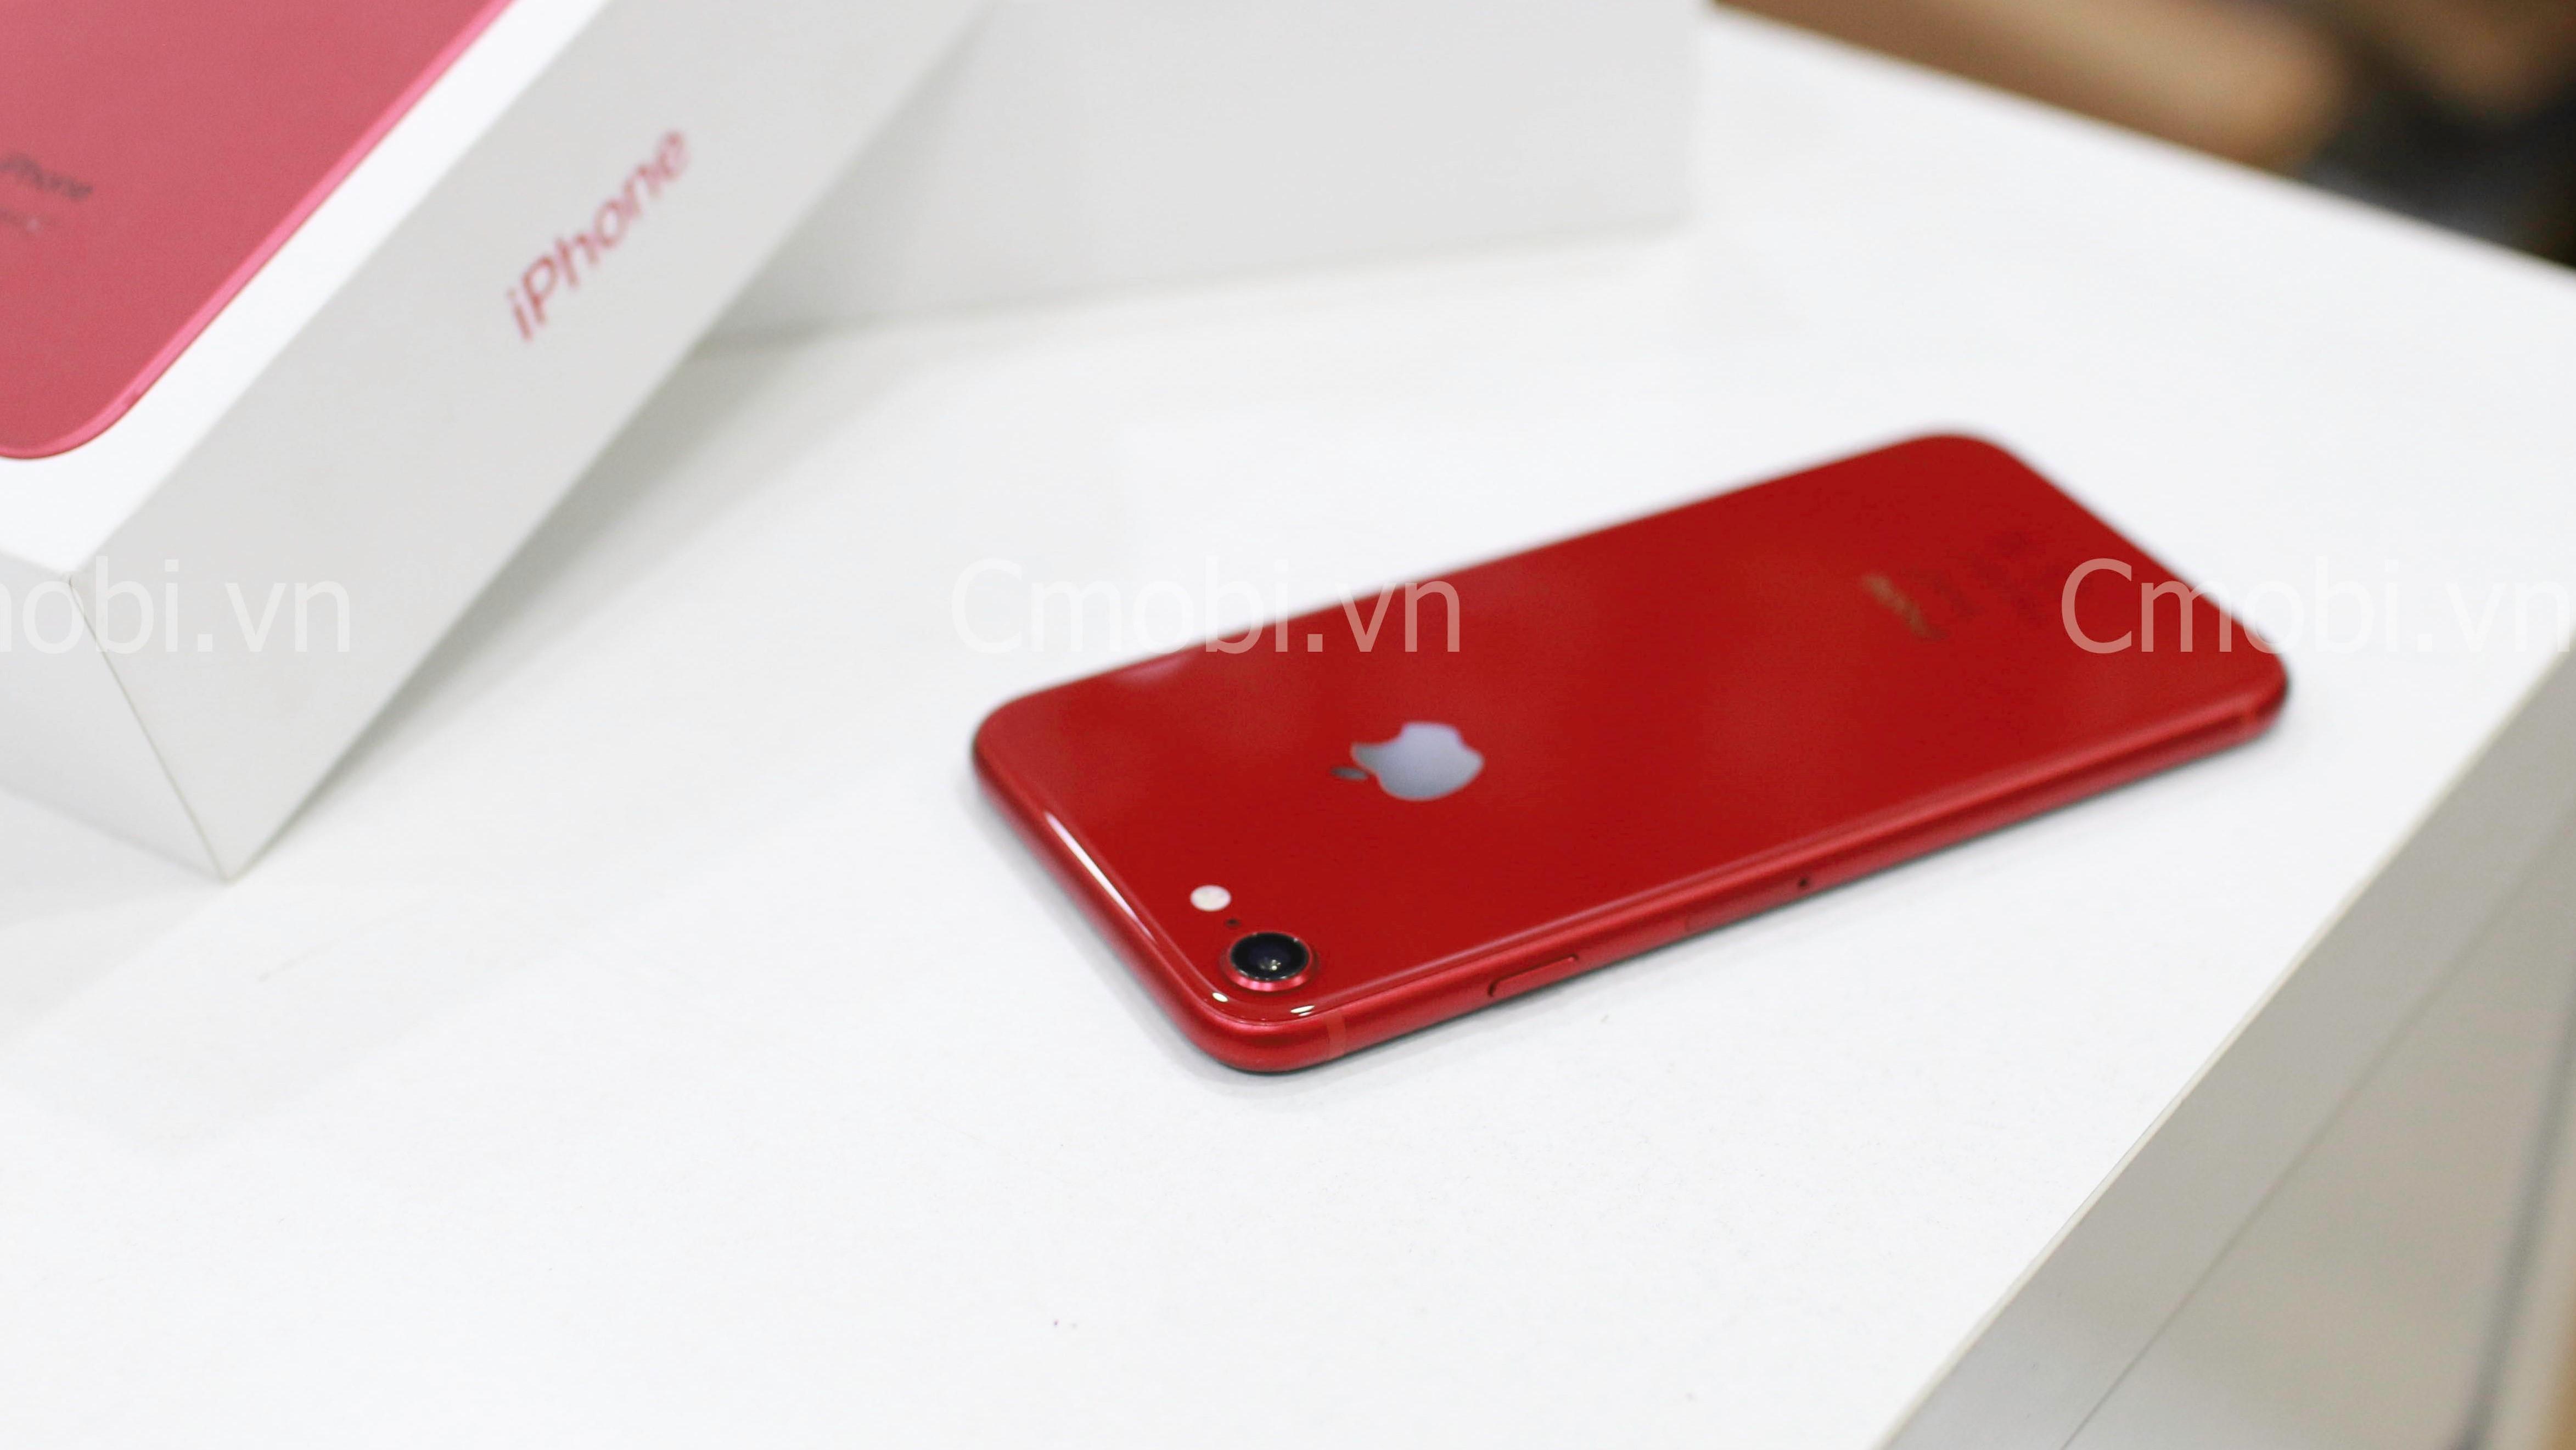 iPhone các dòng nguyên zin đang có giá tốt ở cửa hàng